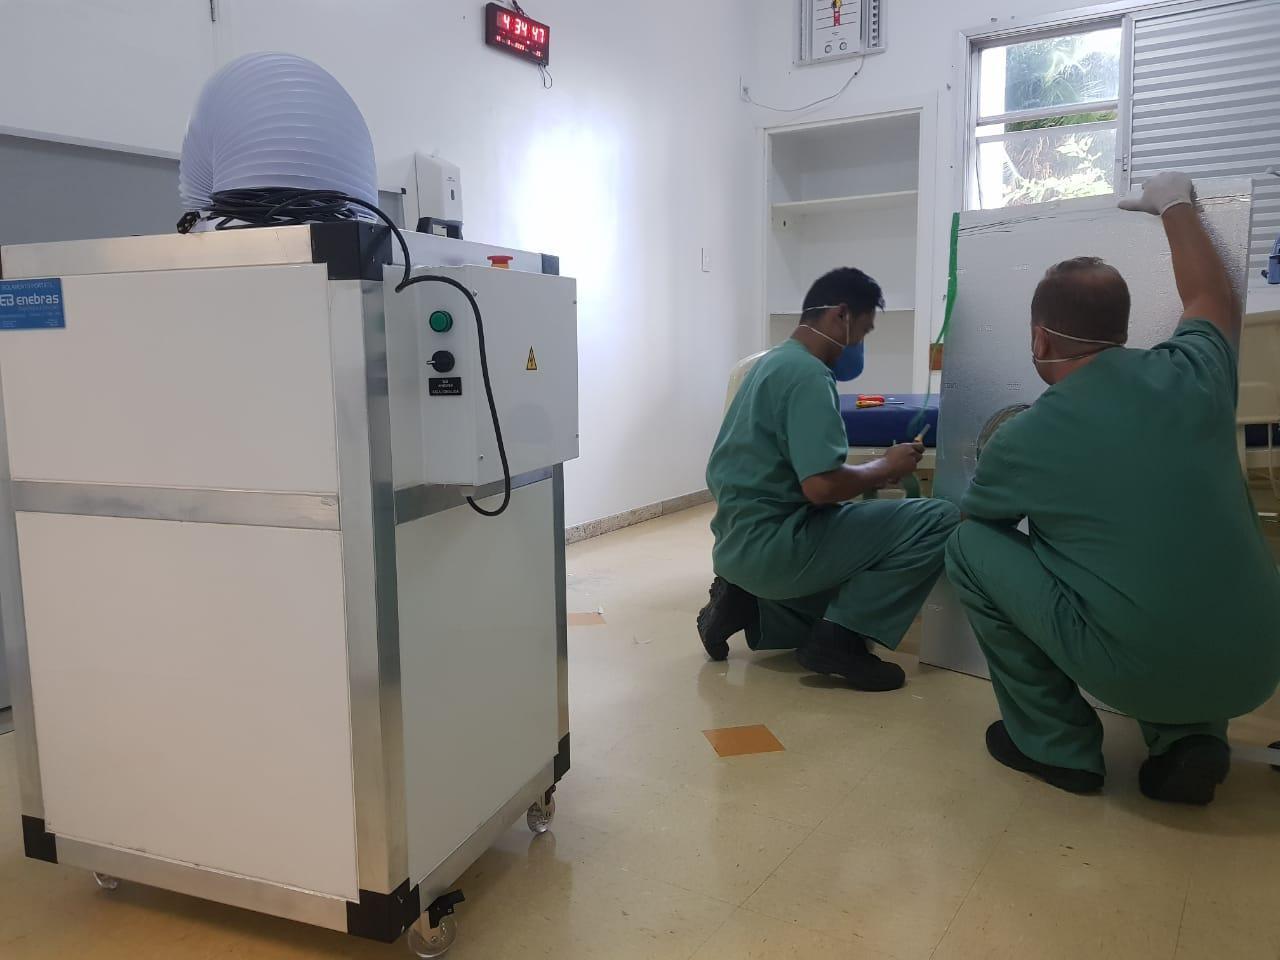 Prefeitura de Limeira investe em equipamentos de ponta para reduzir contaminação por Covid-19